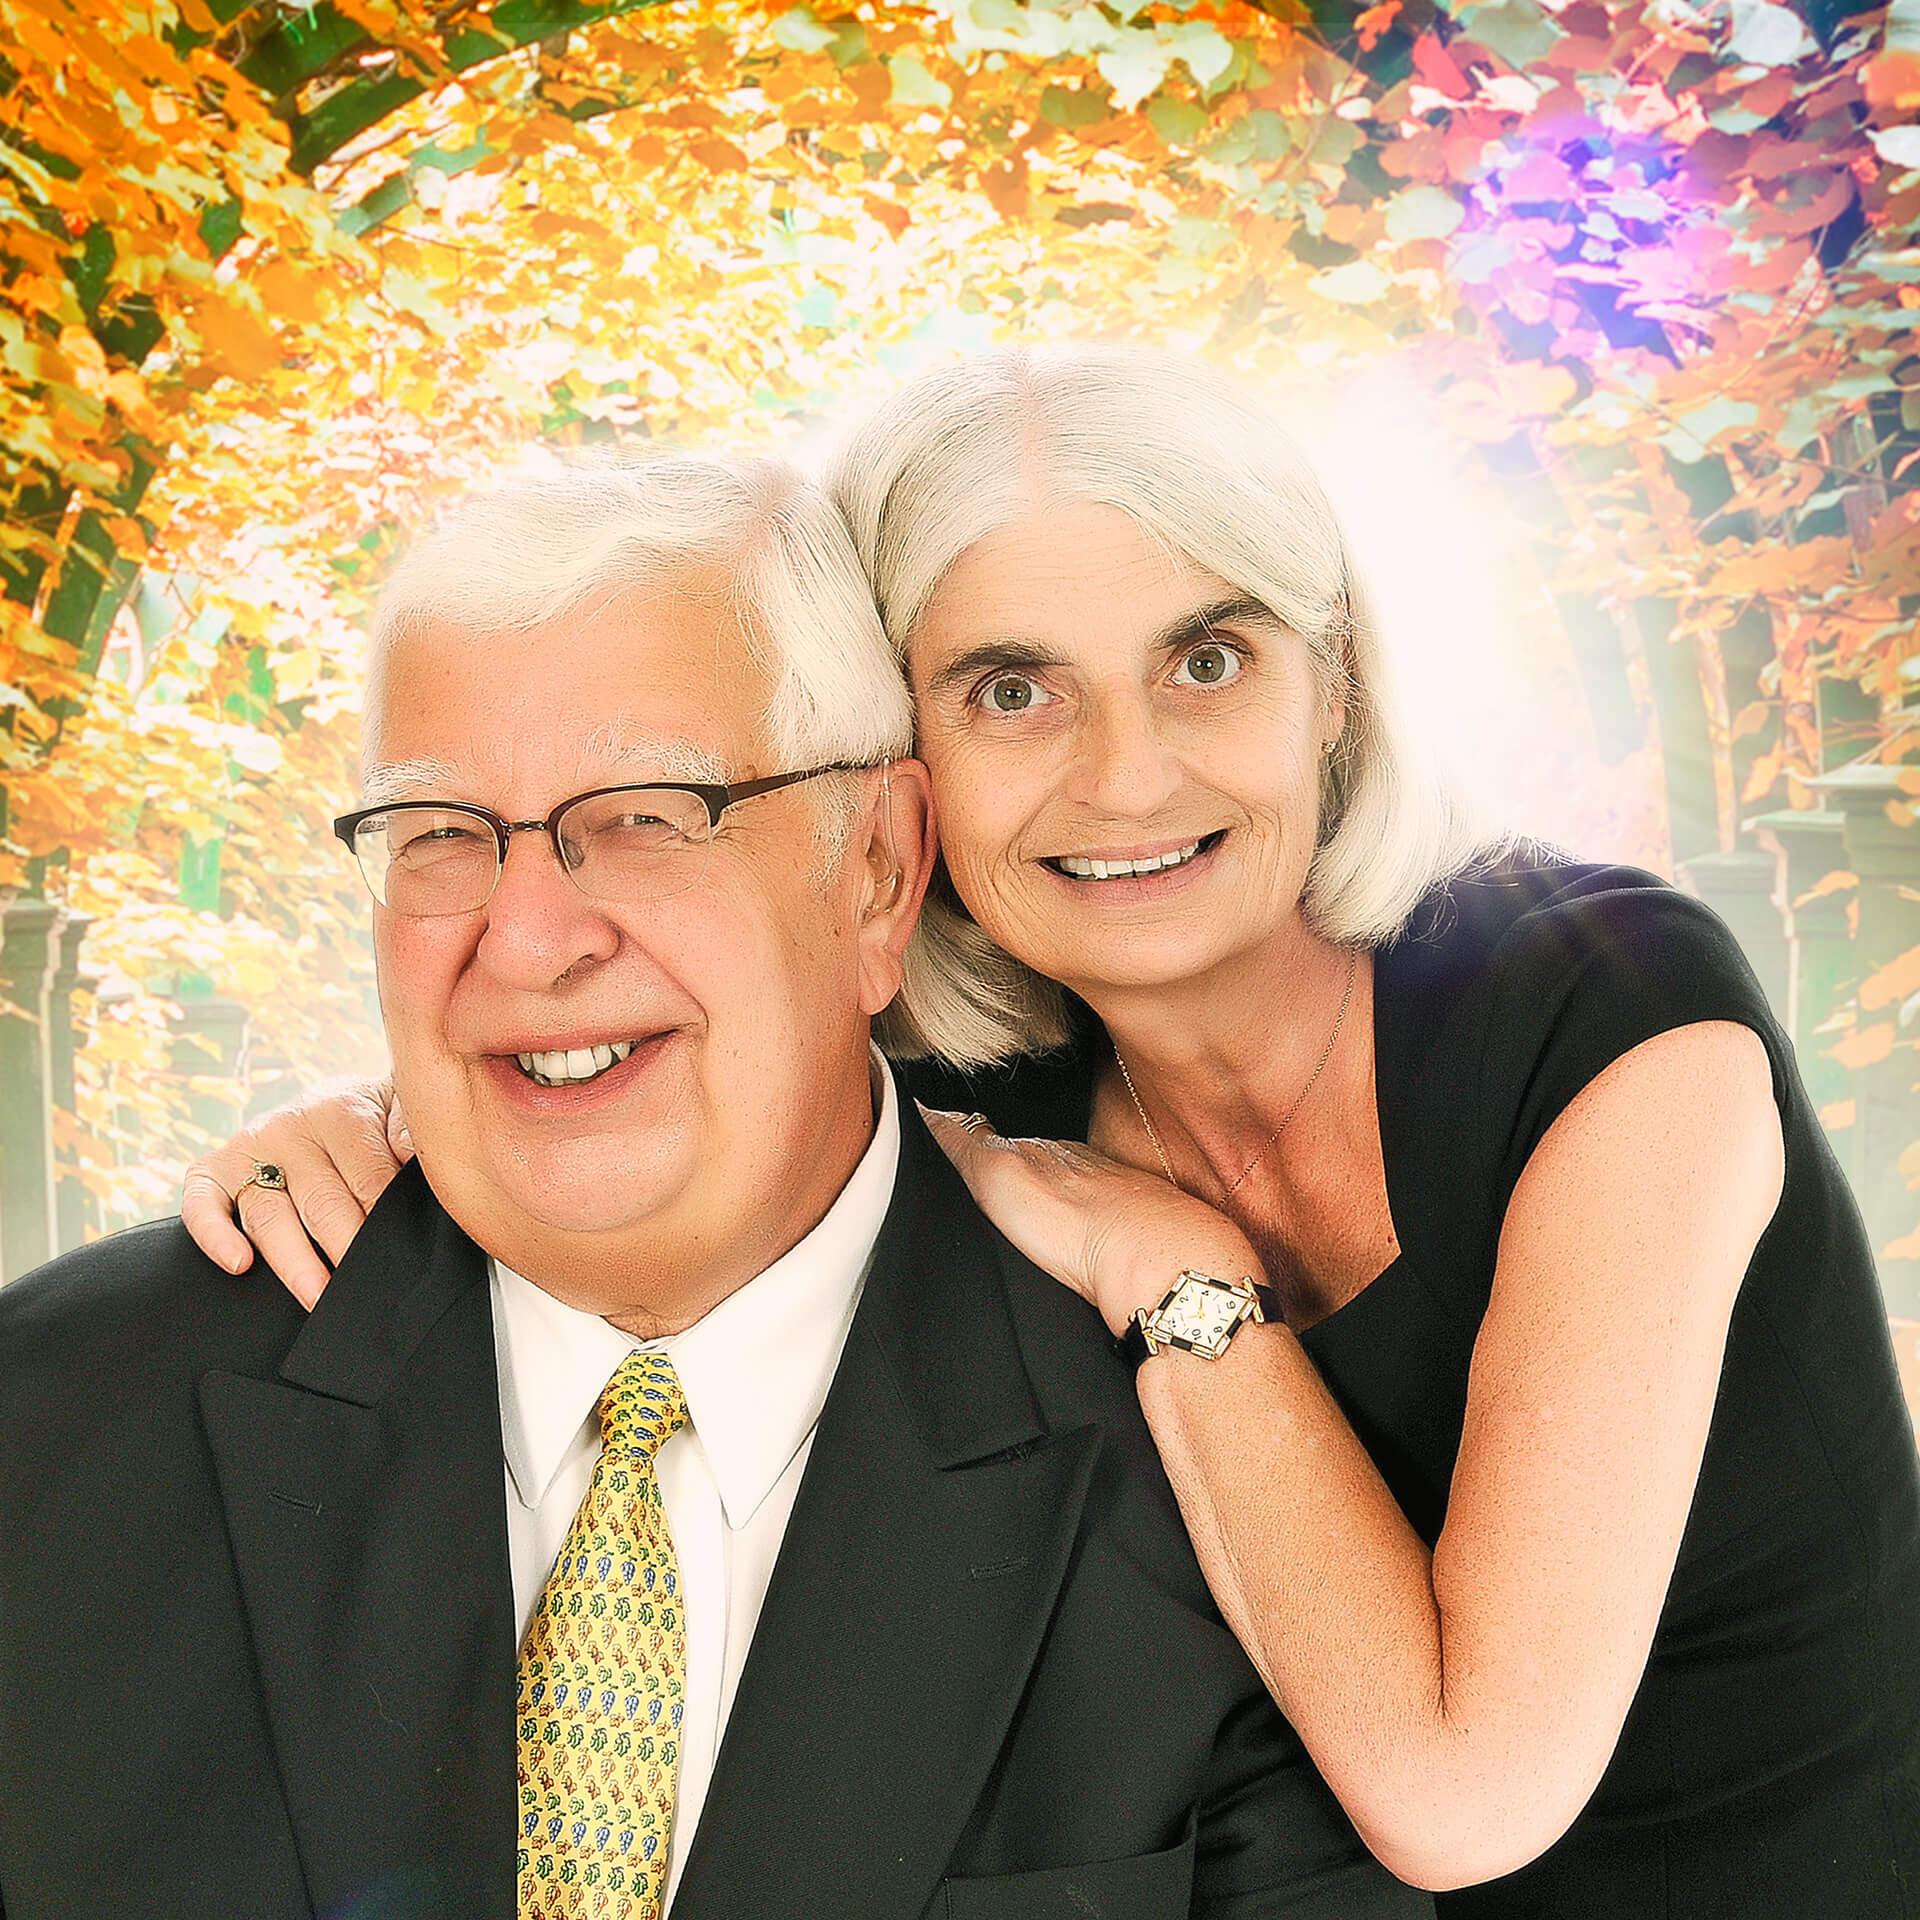 couples photoshoot kline studios